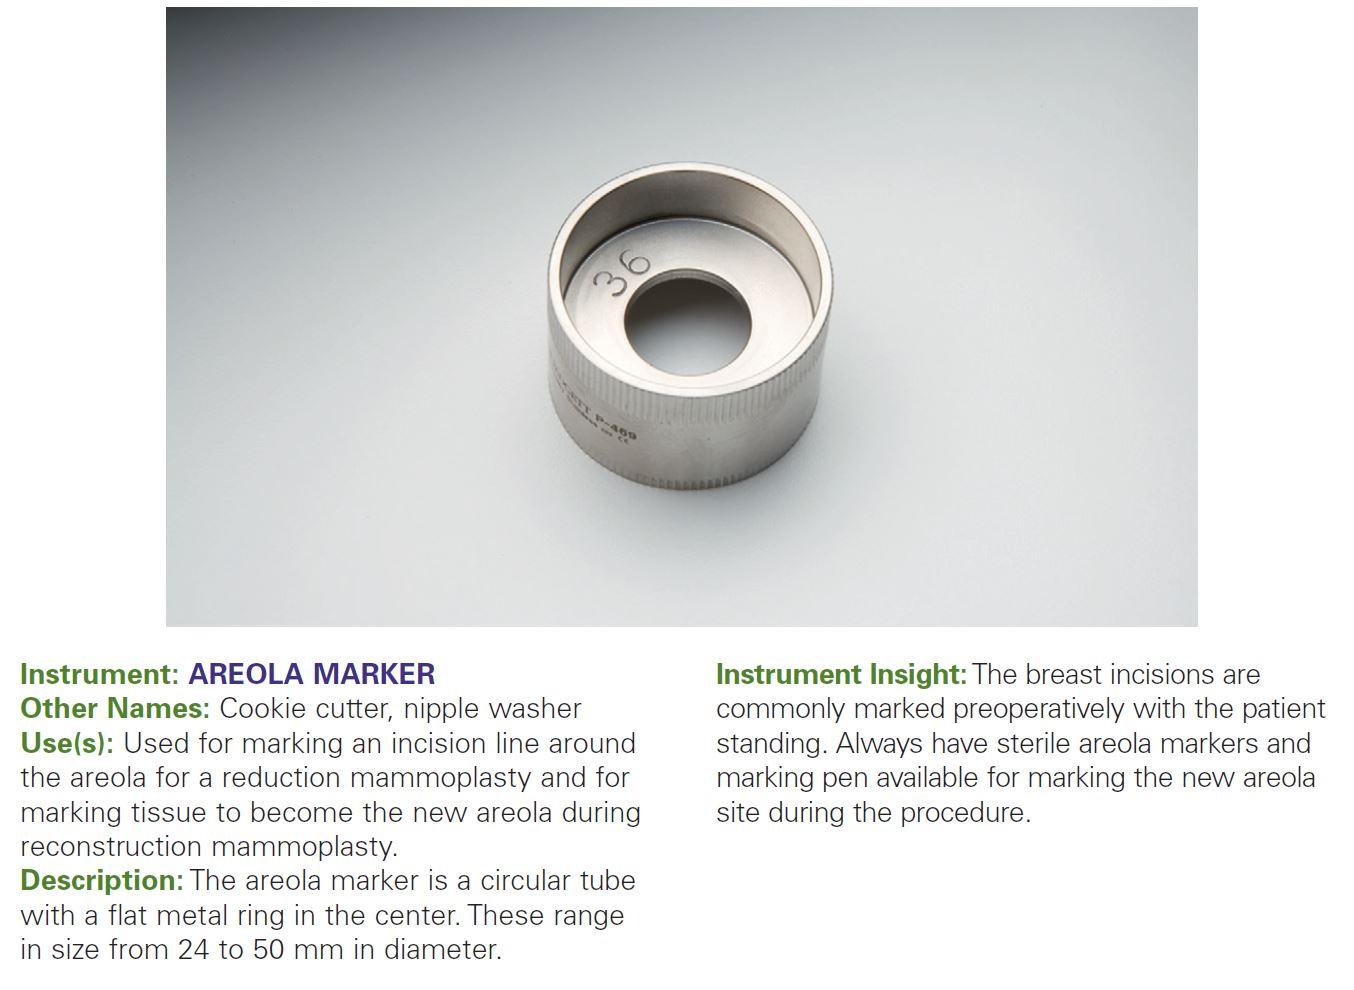 AREOLA MARKER